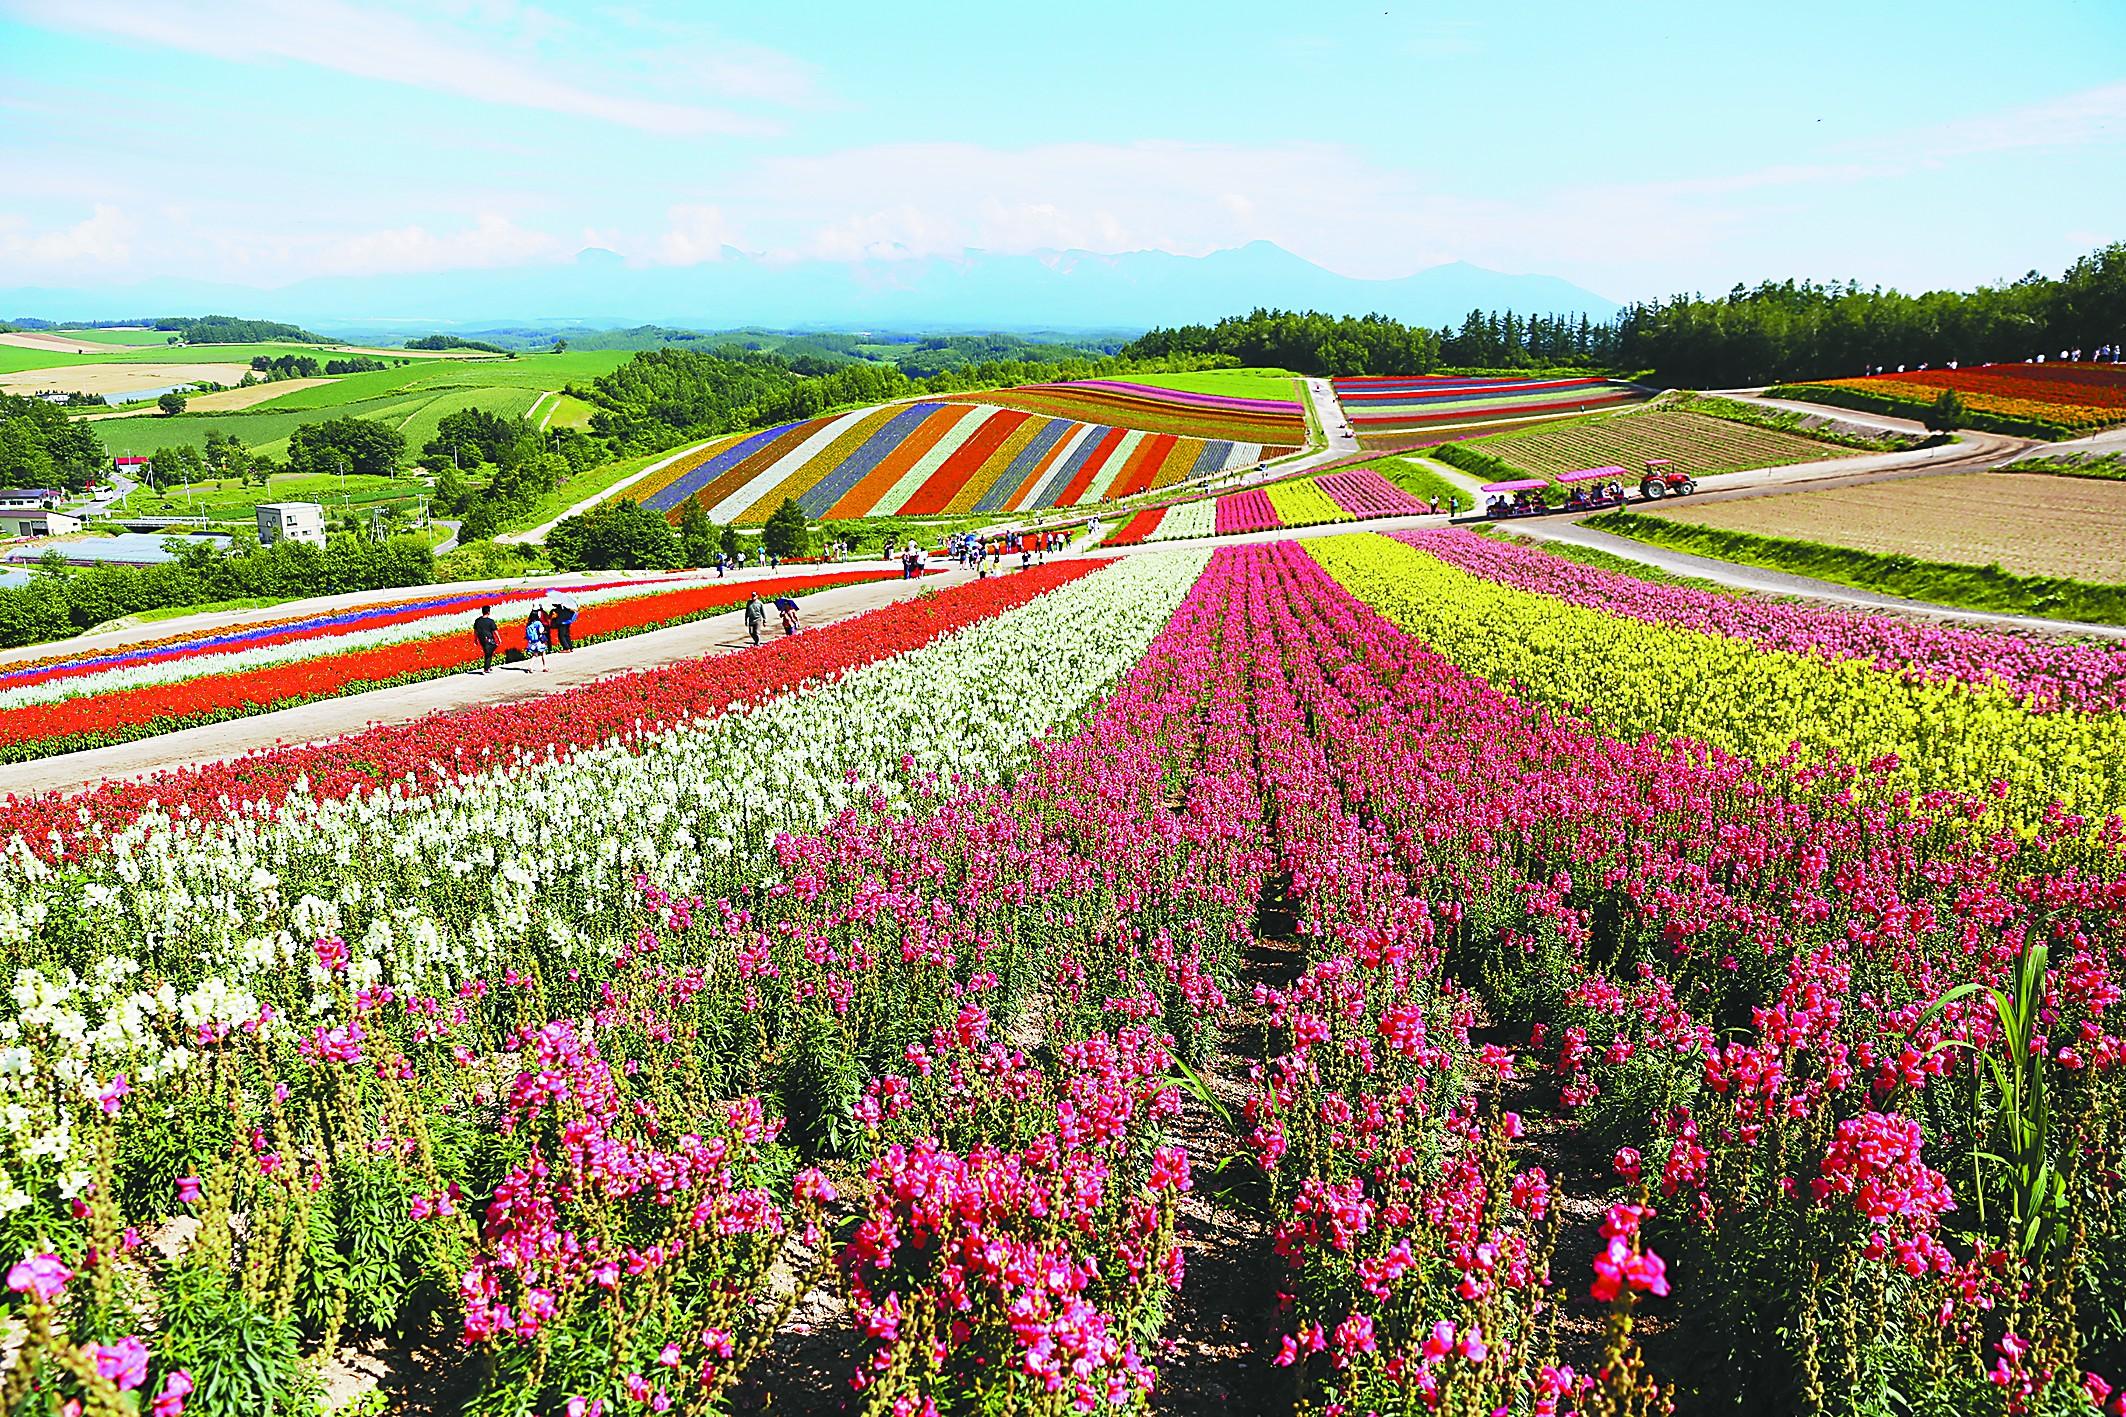 壁纸 成片种植 风景 花 植物 种植基地 桌面 2126_1417